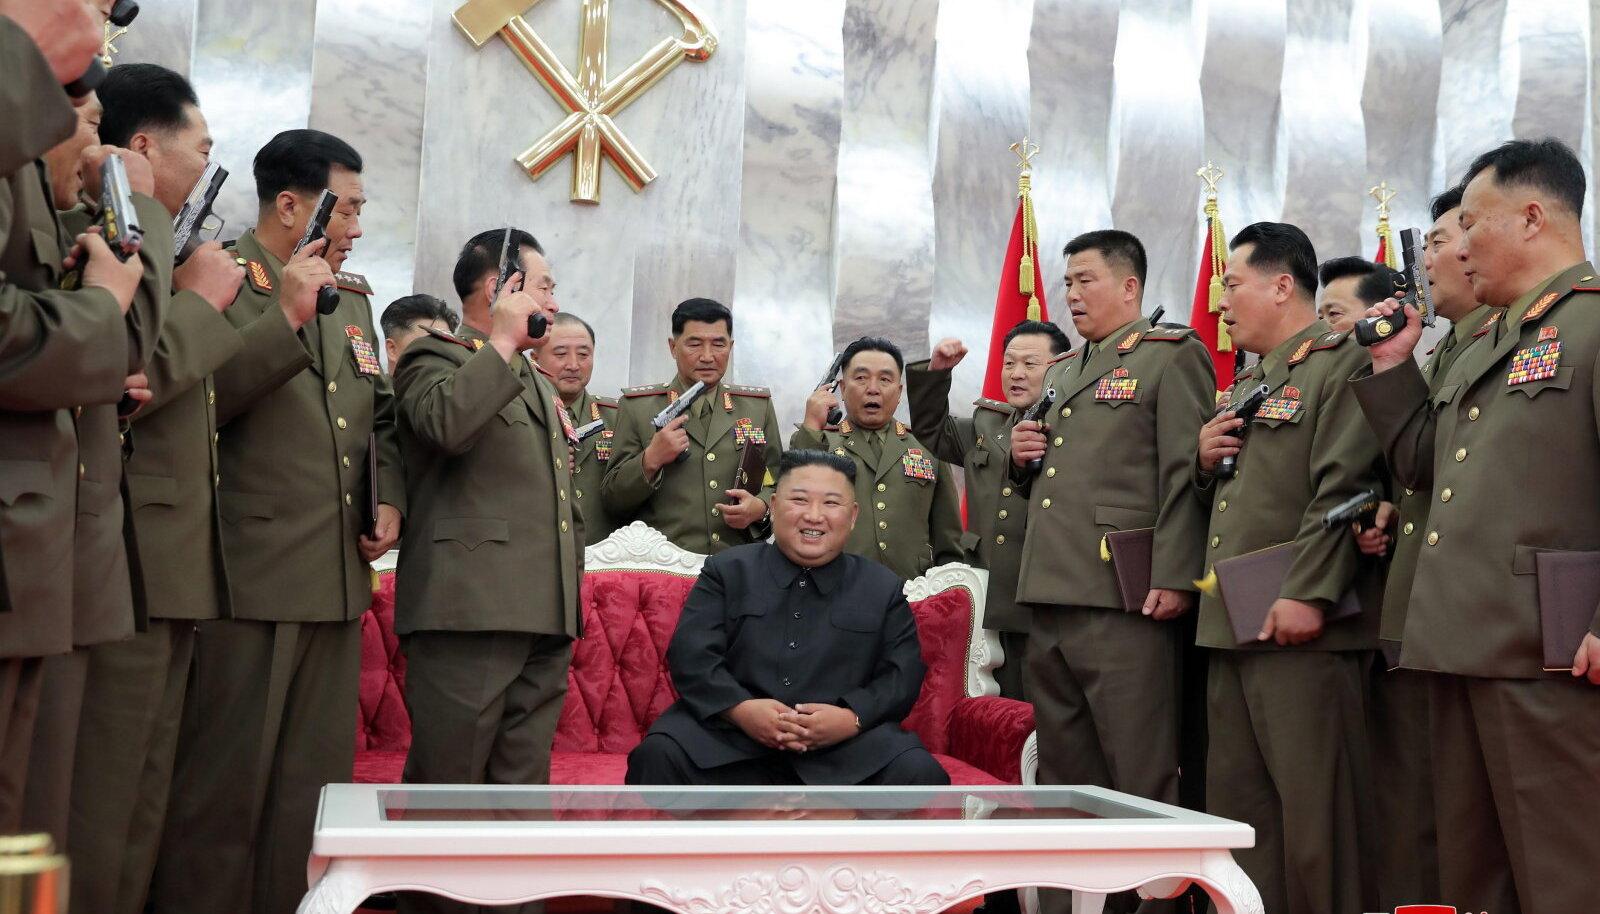 Kim kõrgemate ohvitseride keskel, kellele vaherahu aastapäevaks kingiti nimelised püstolid